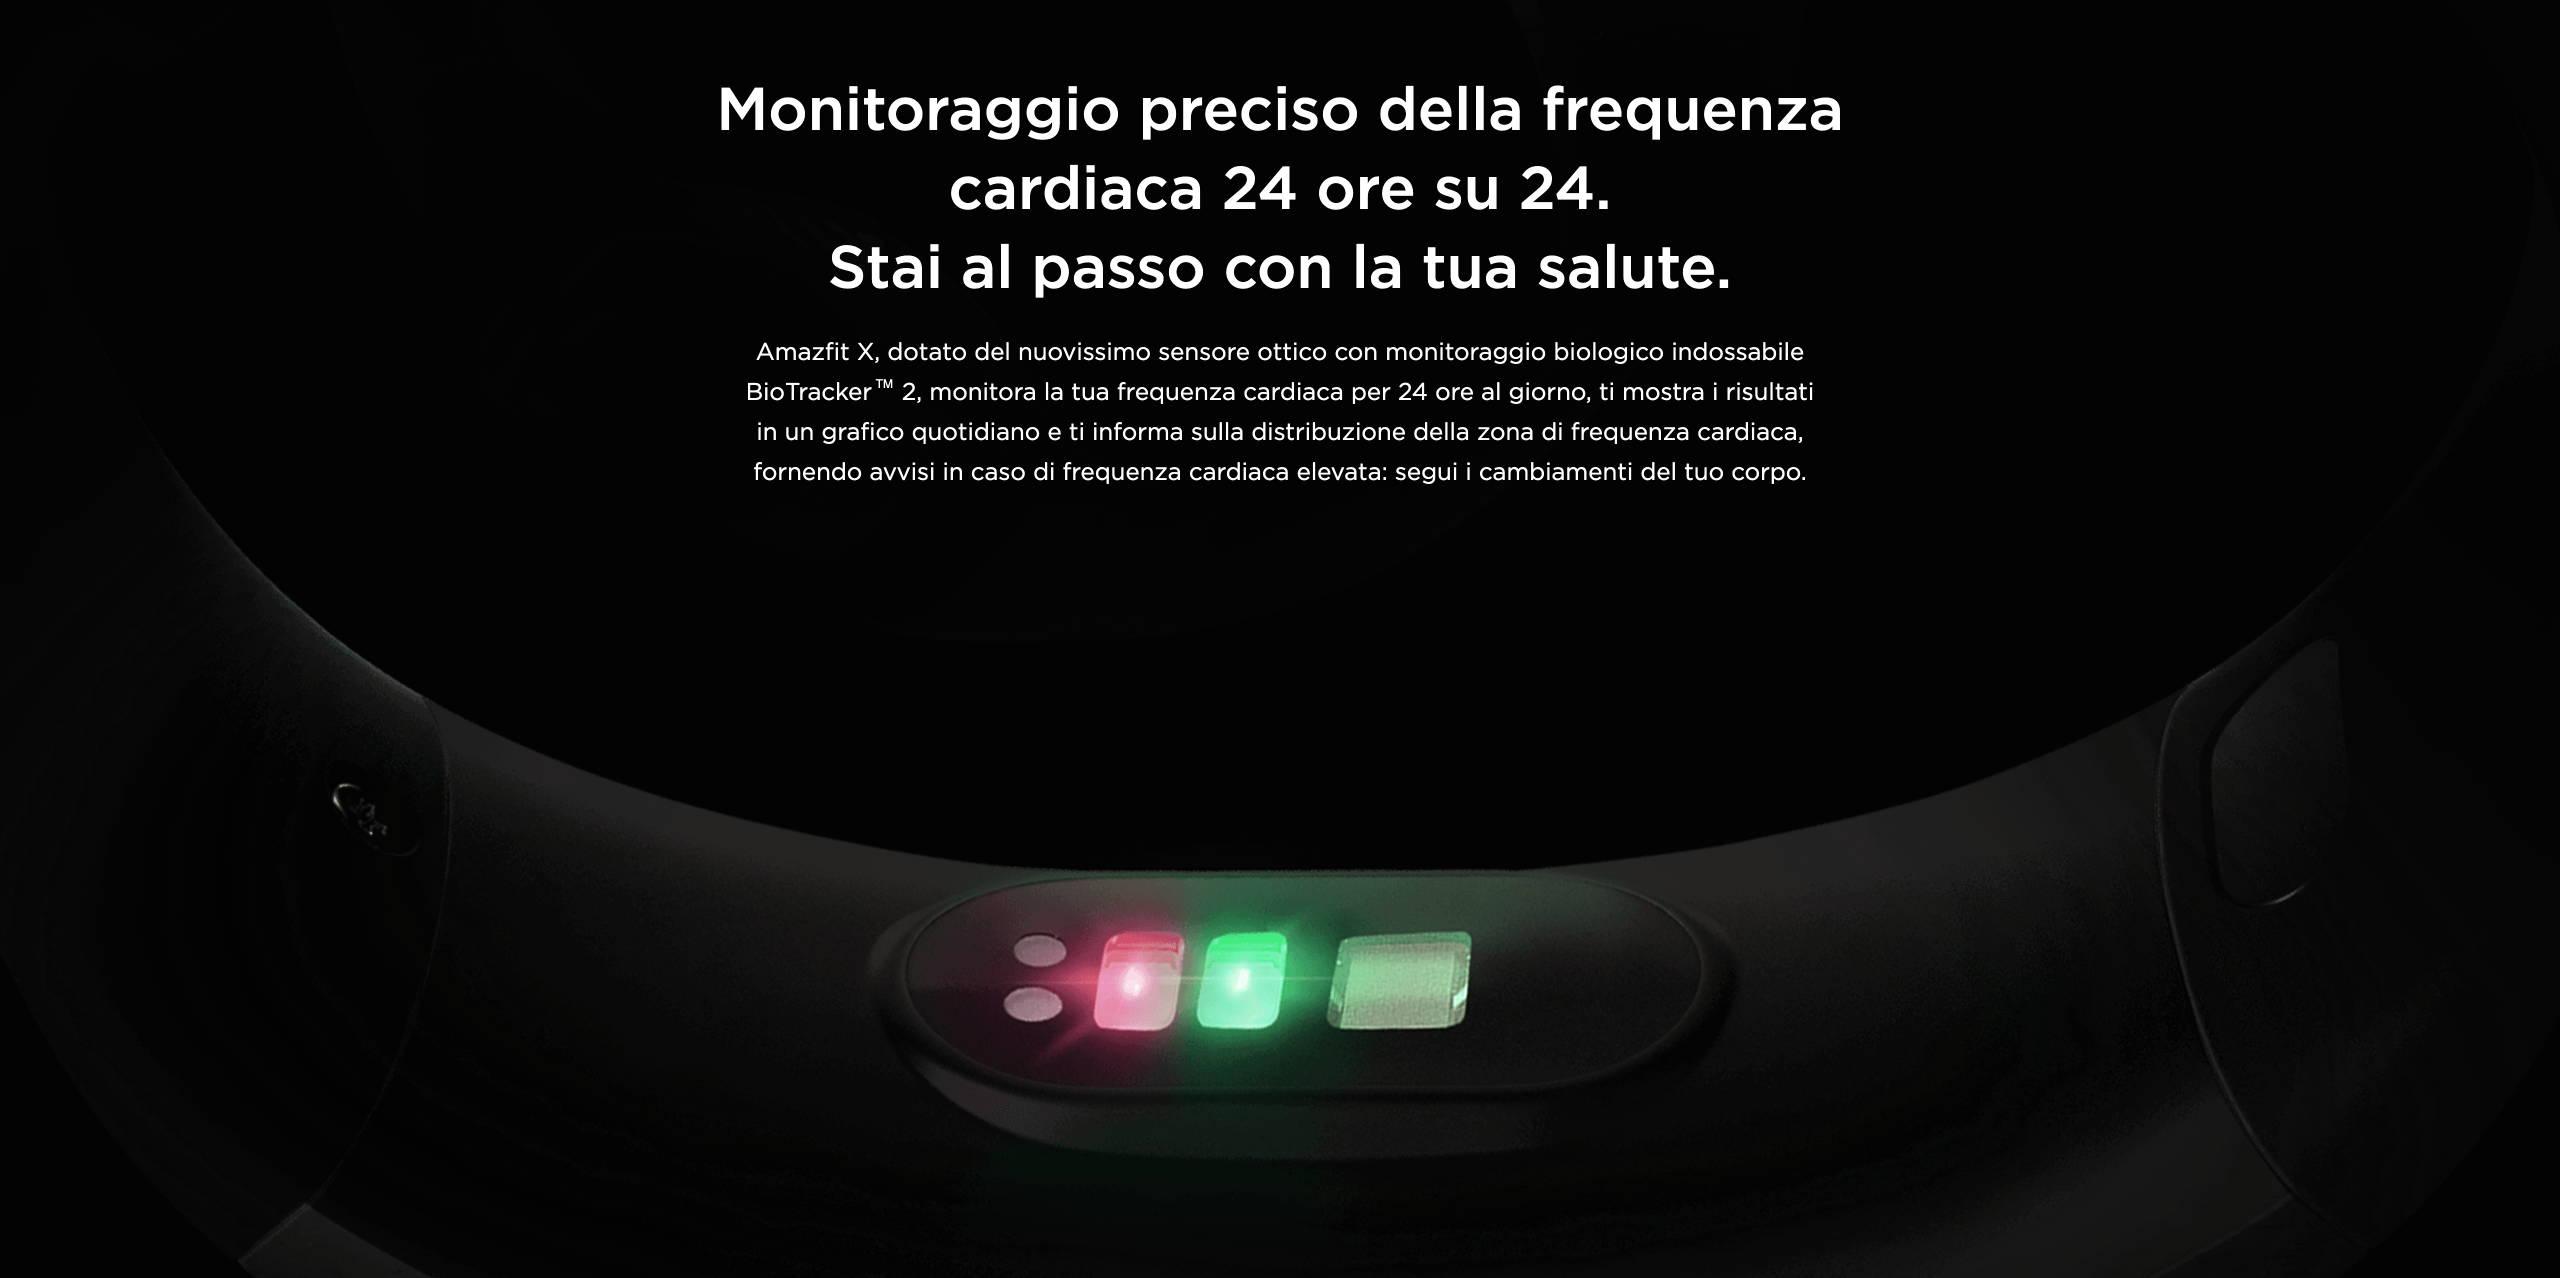 Amazfit X - Monitoraggio preciso della frequenza caediaca 24 ore su 24. Stai al passo con la tua salute.